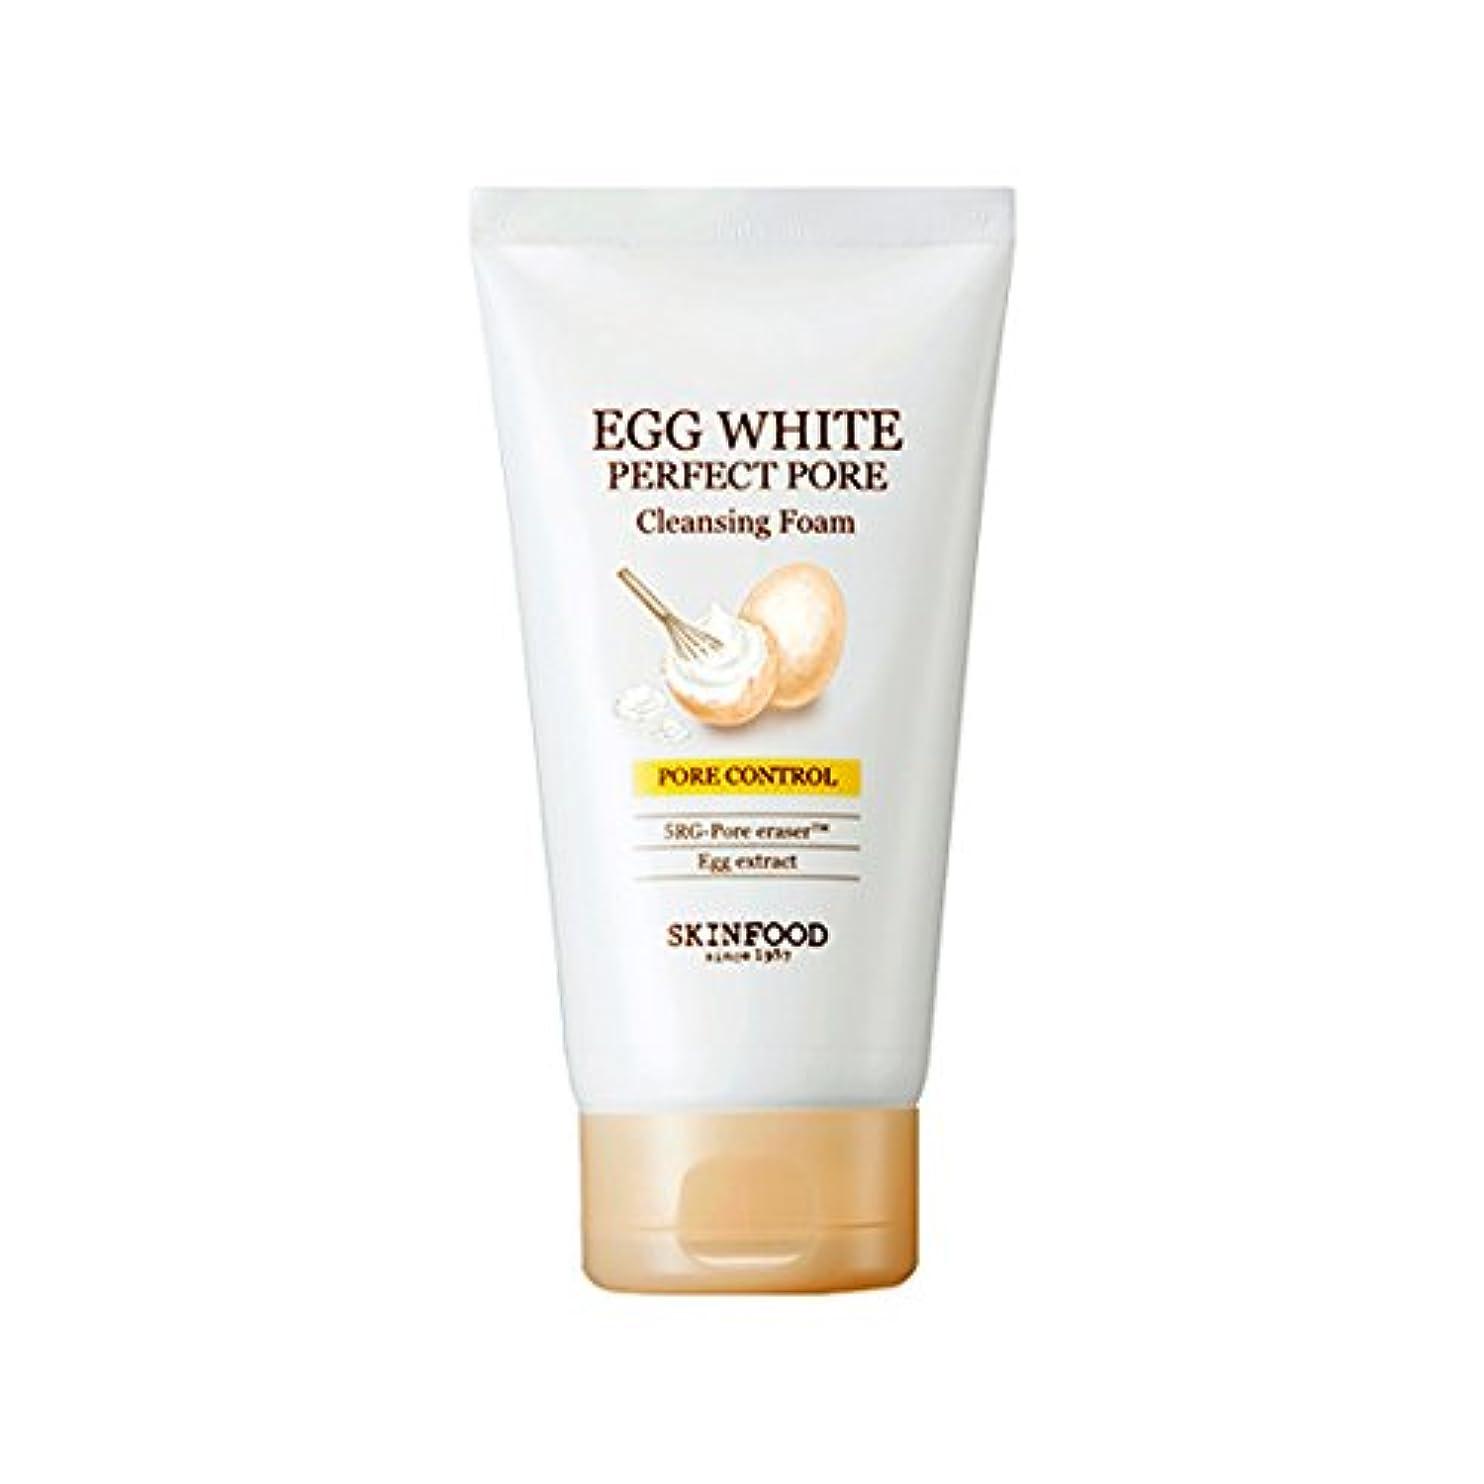 ジョージバーナード恐れる蒸発する[2017 New] SKINFOOD Egg White Perfect Pore Cleansing Foam 150ml/スキンフード エッグ ホワイト パーフェクト ポア クレンジング フォーム 150ml [並行輸入品]